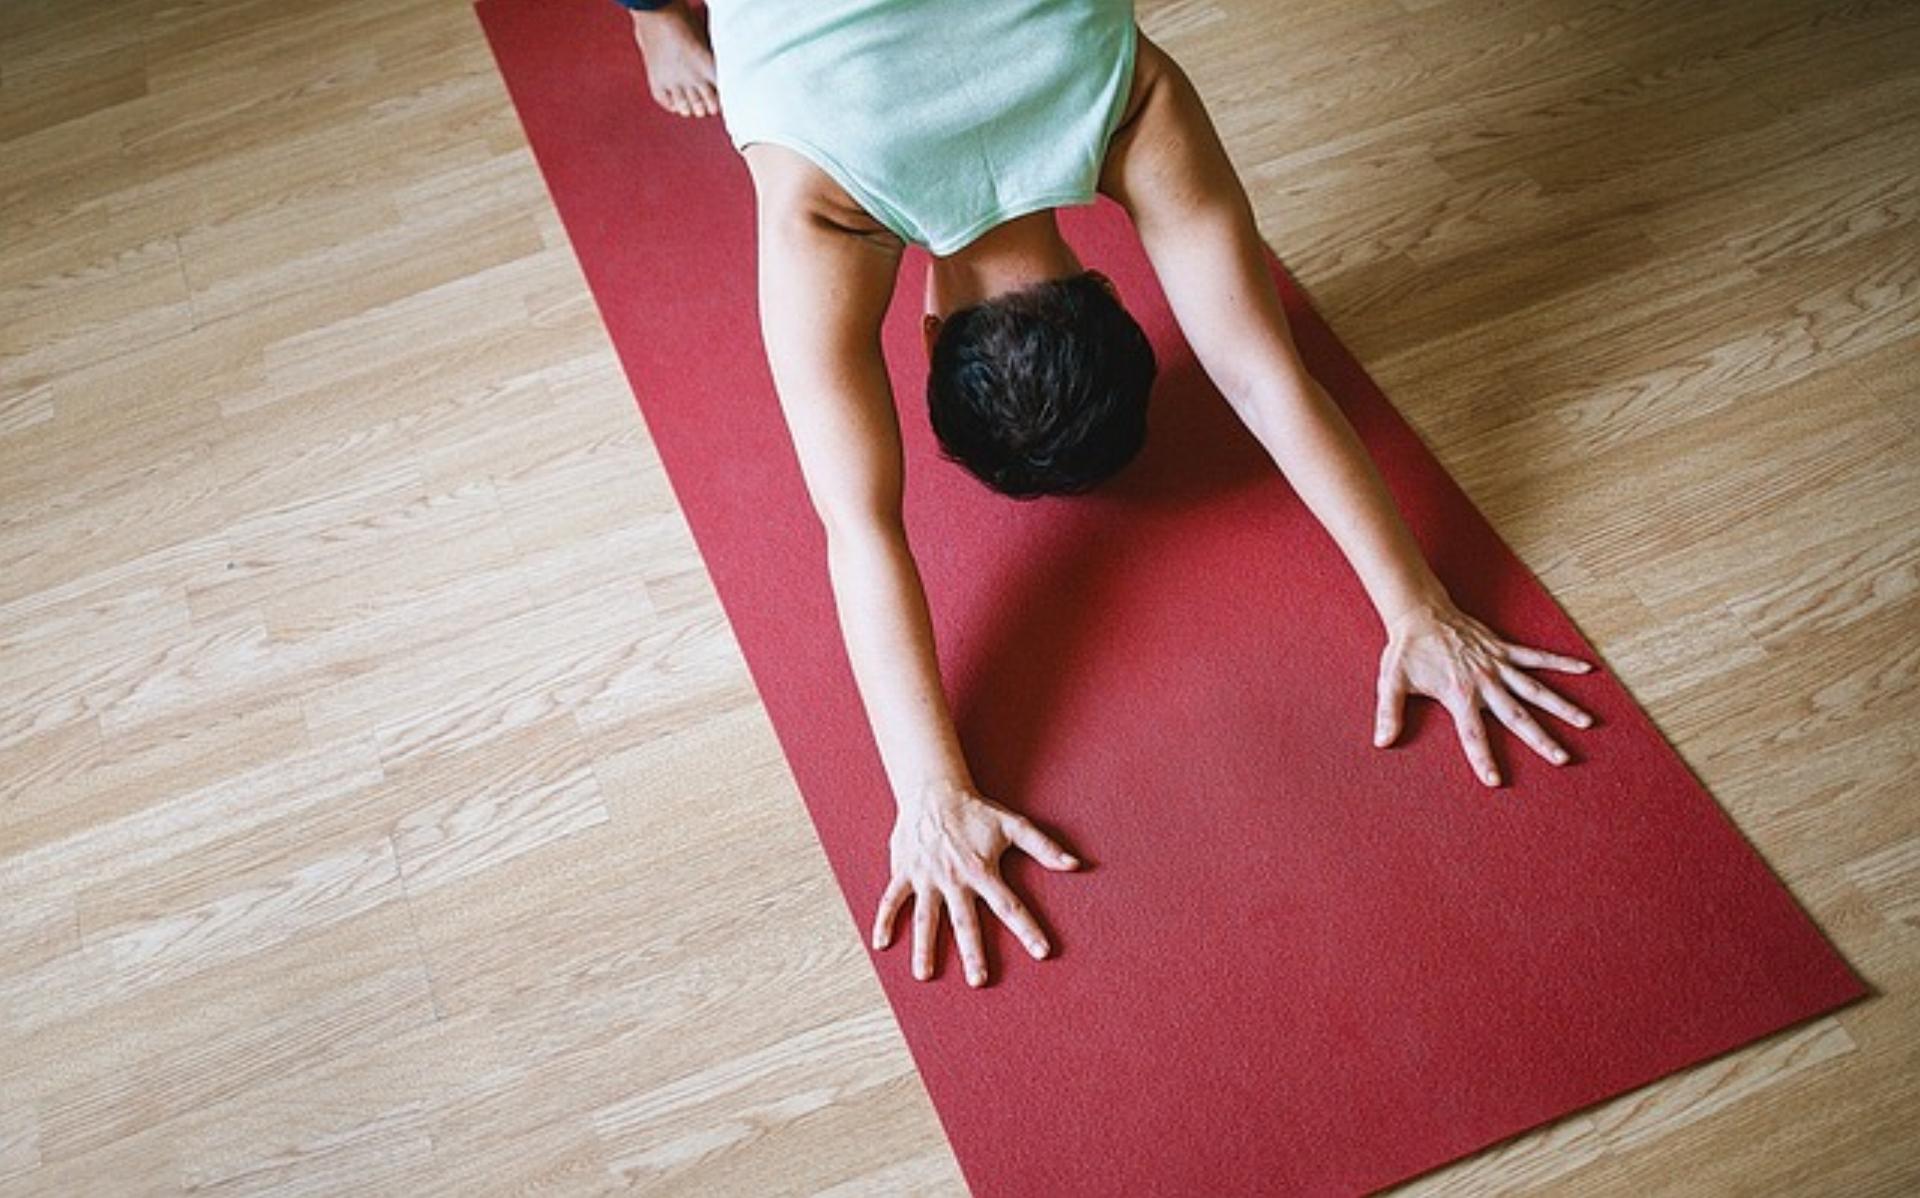 Les effets du yoga se mesurent à travers une pratique régulière.